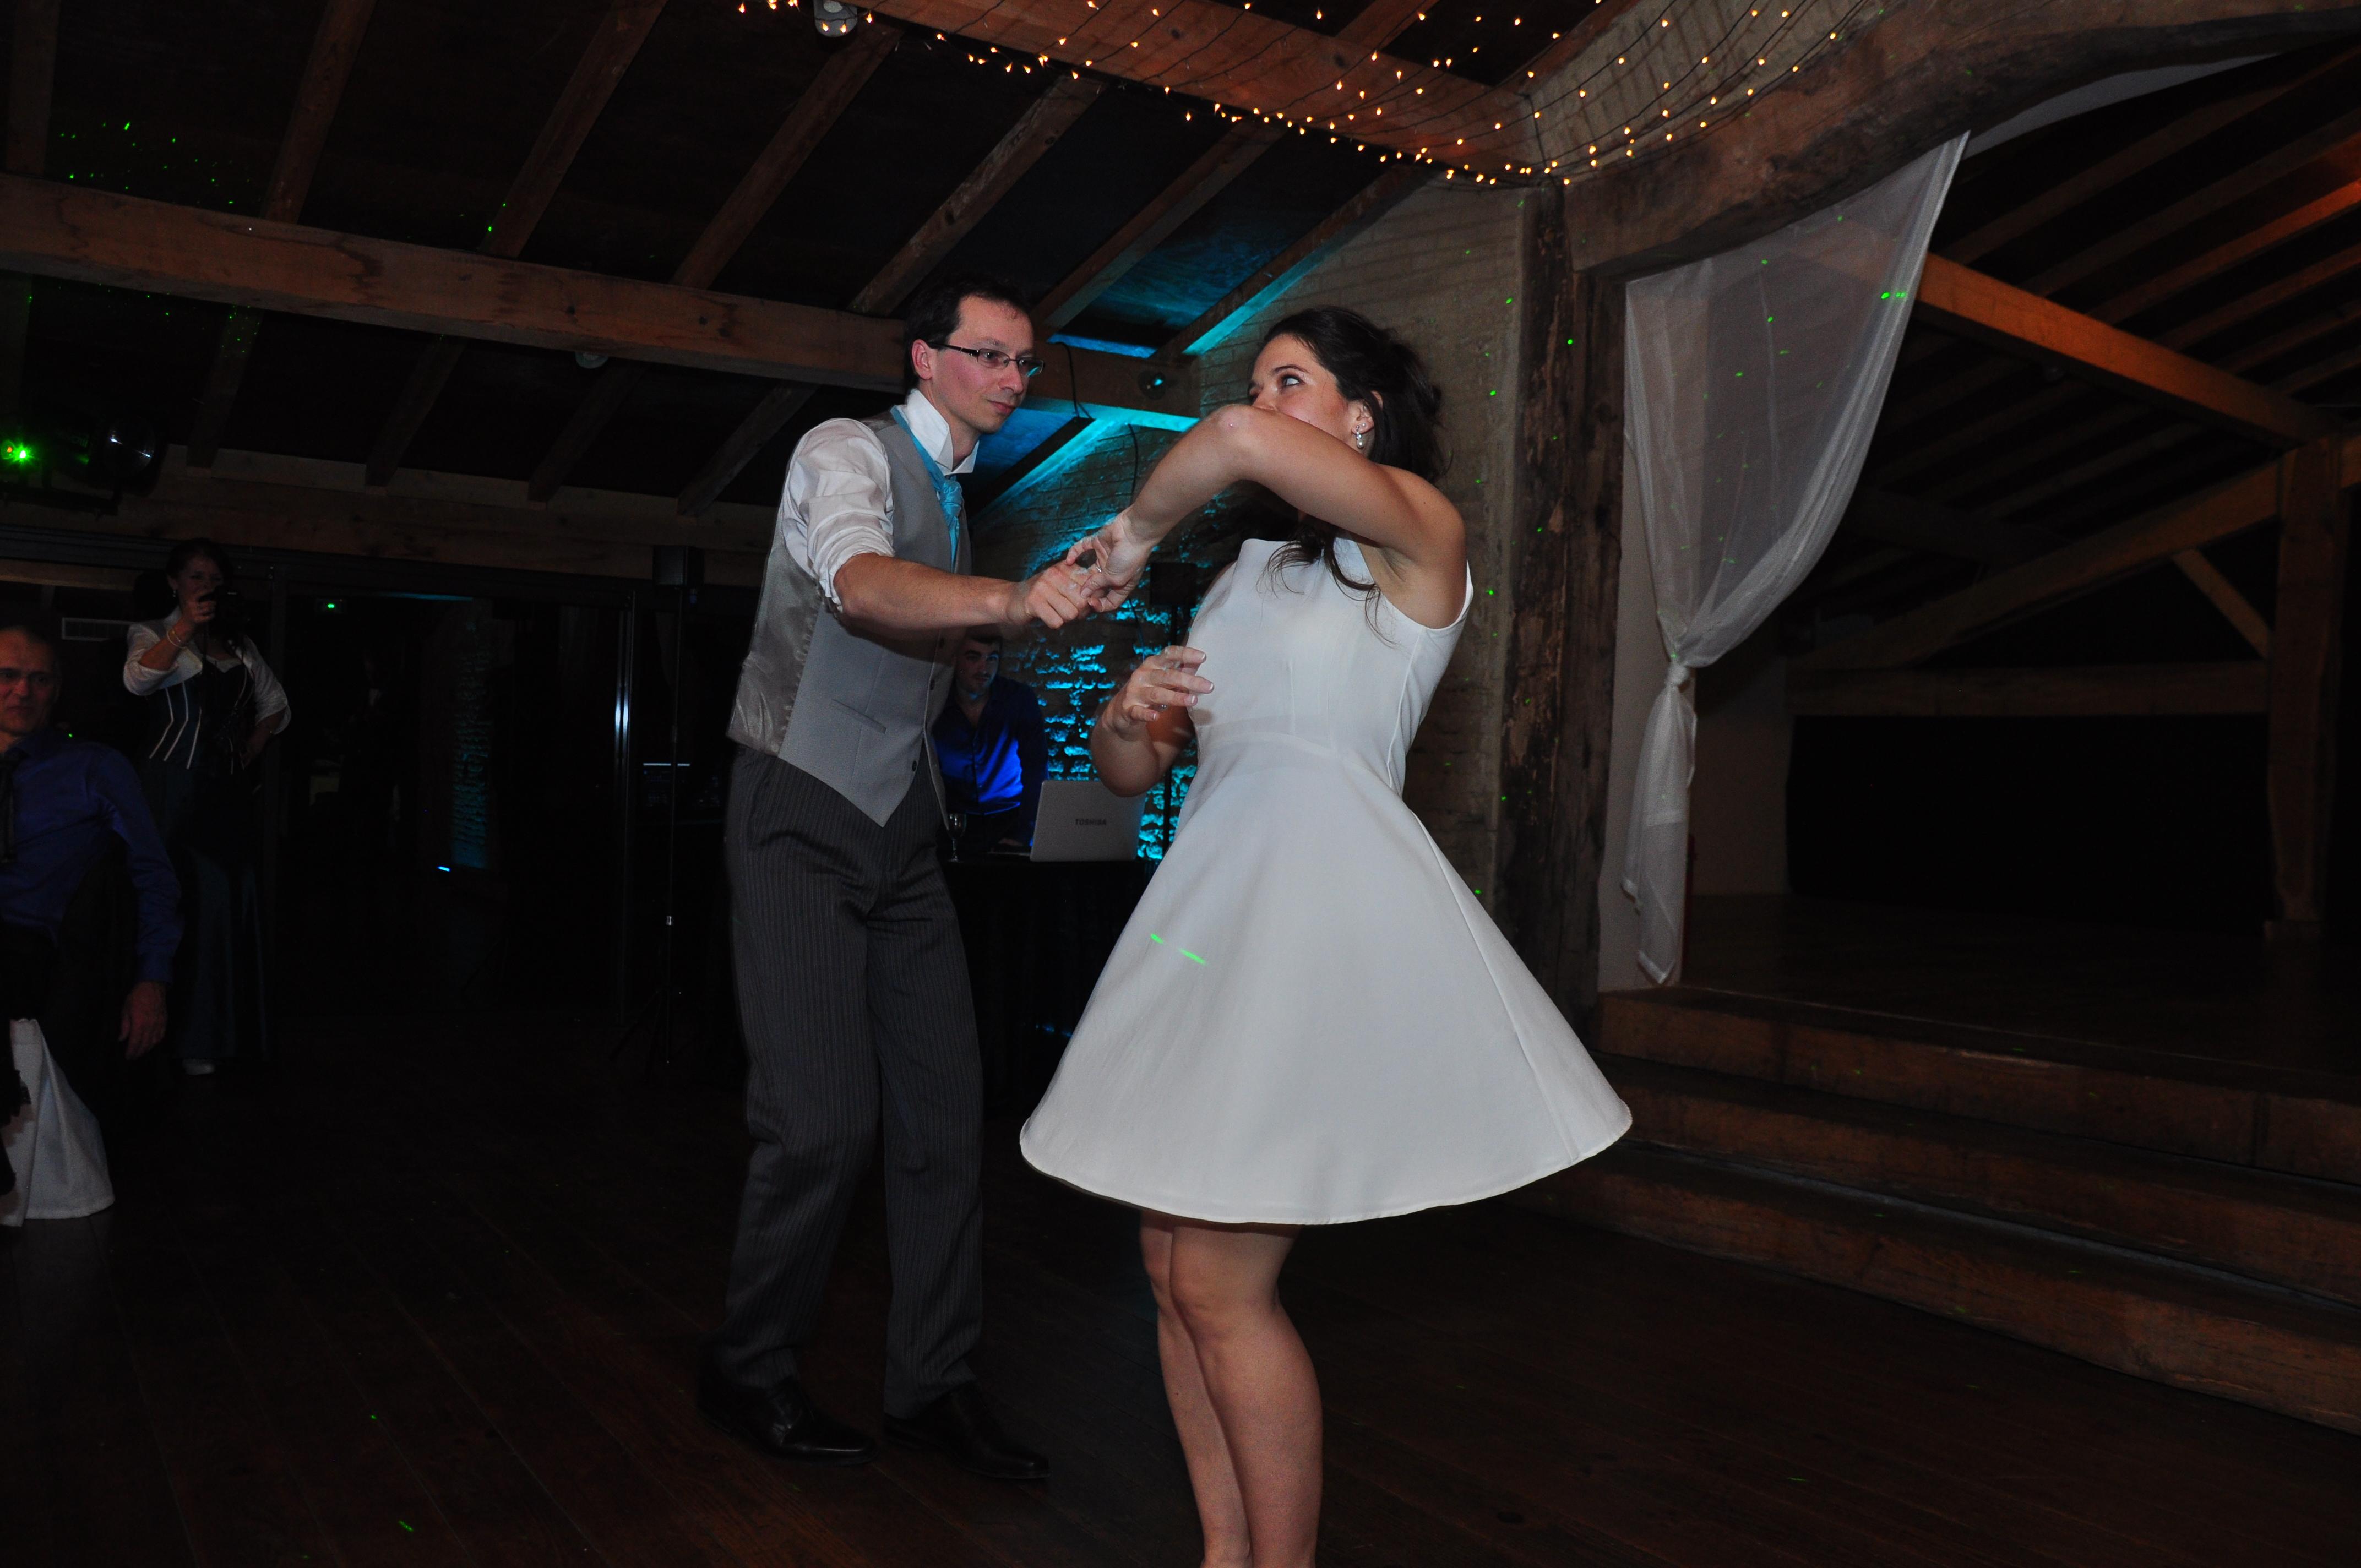 Mon mariage marmottes et flocons : jusqu'au bout de la nuit !